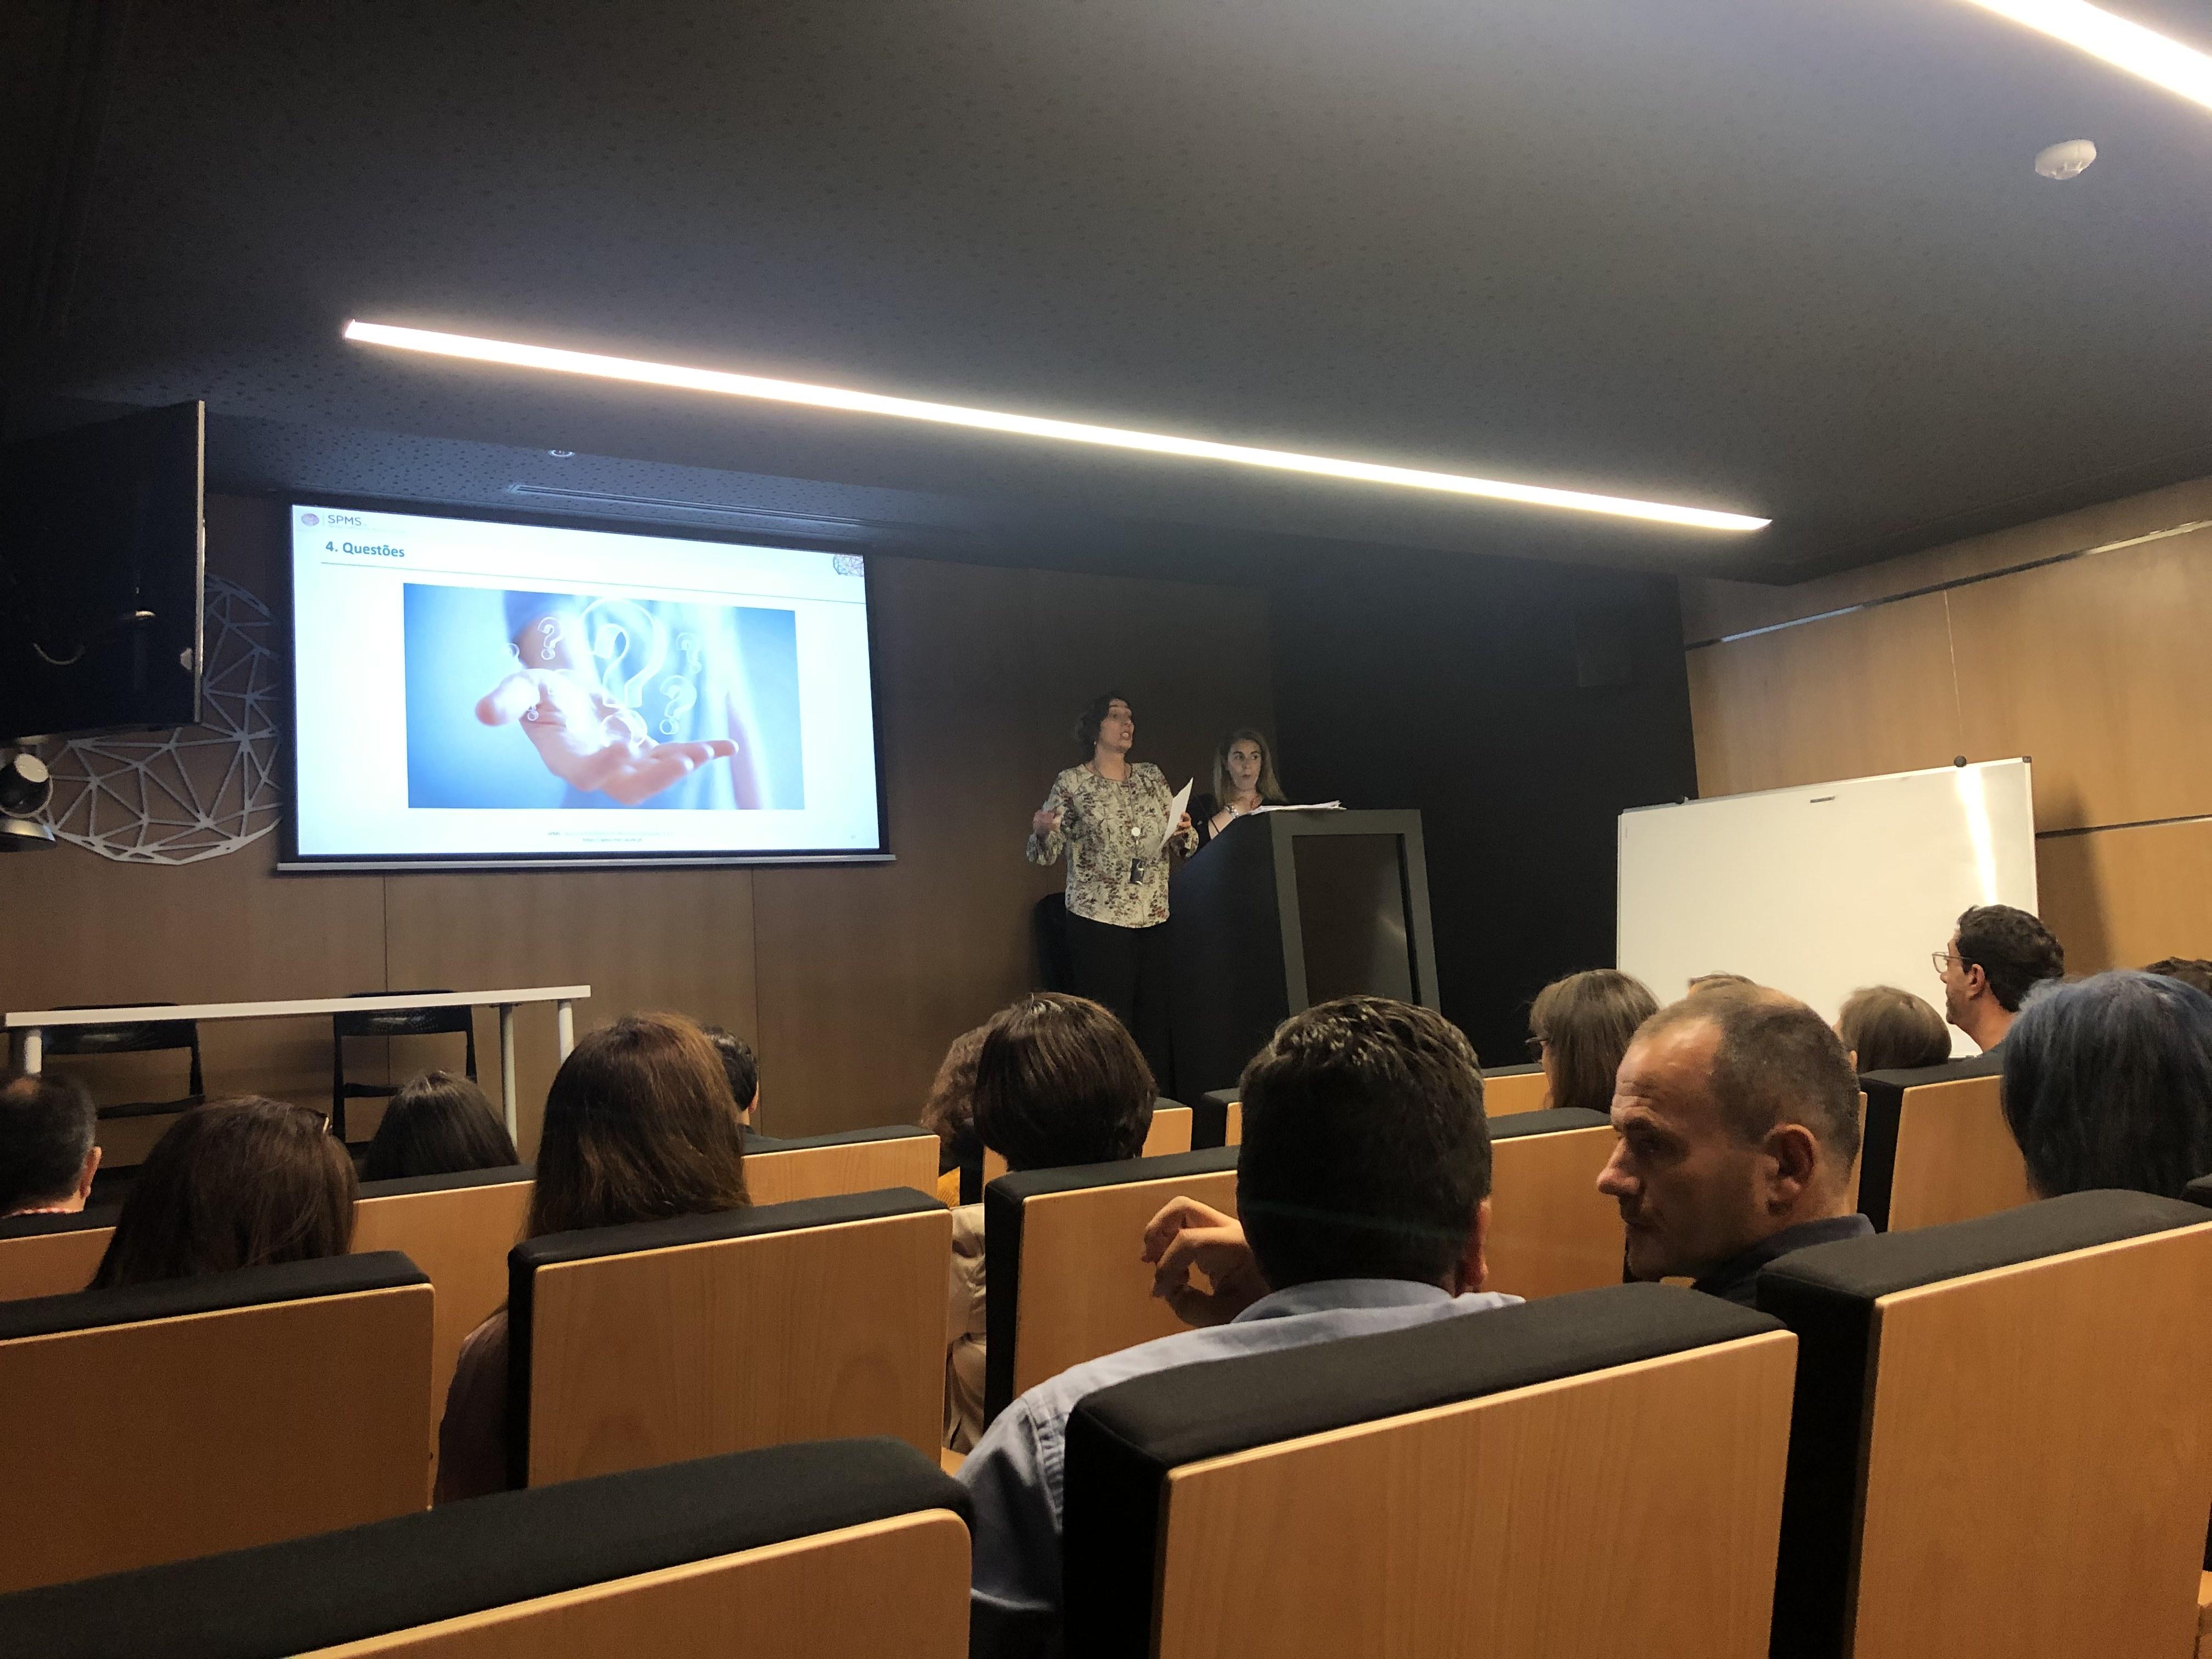 Sessão esclarecimento AQ Arquivo apresentação inicial